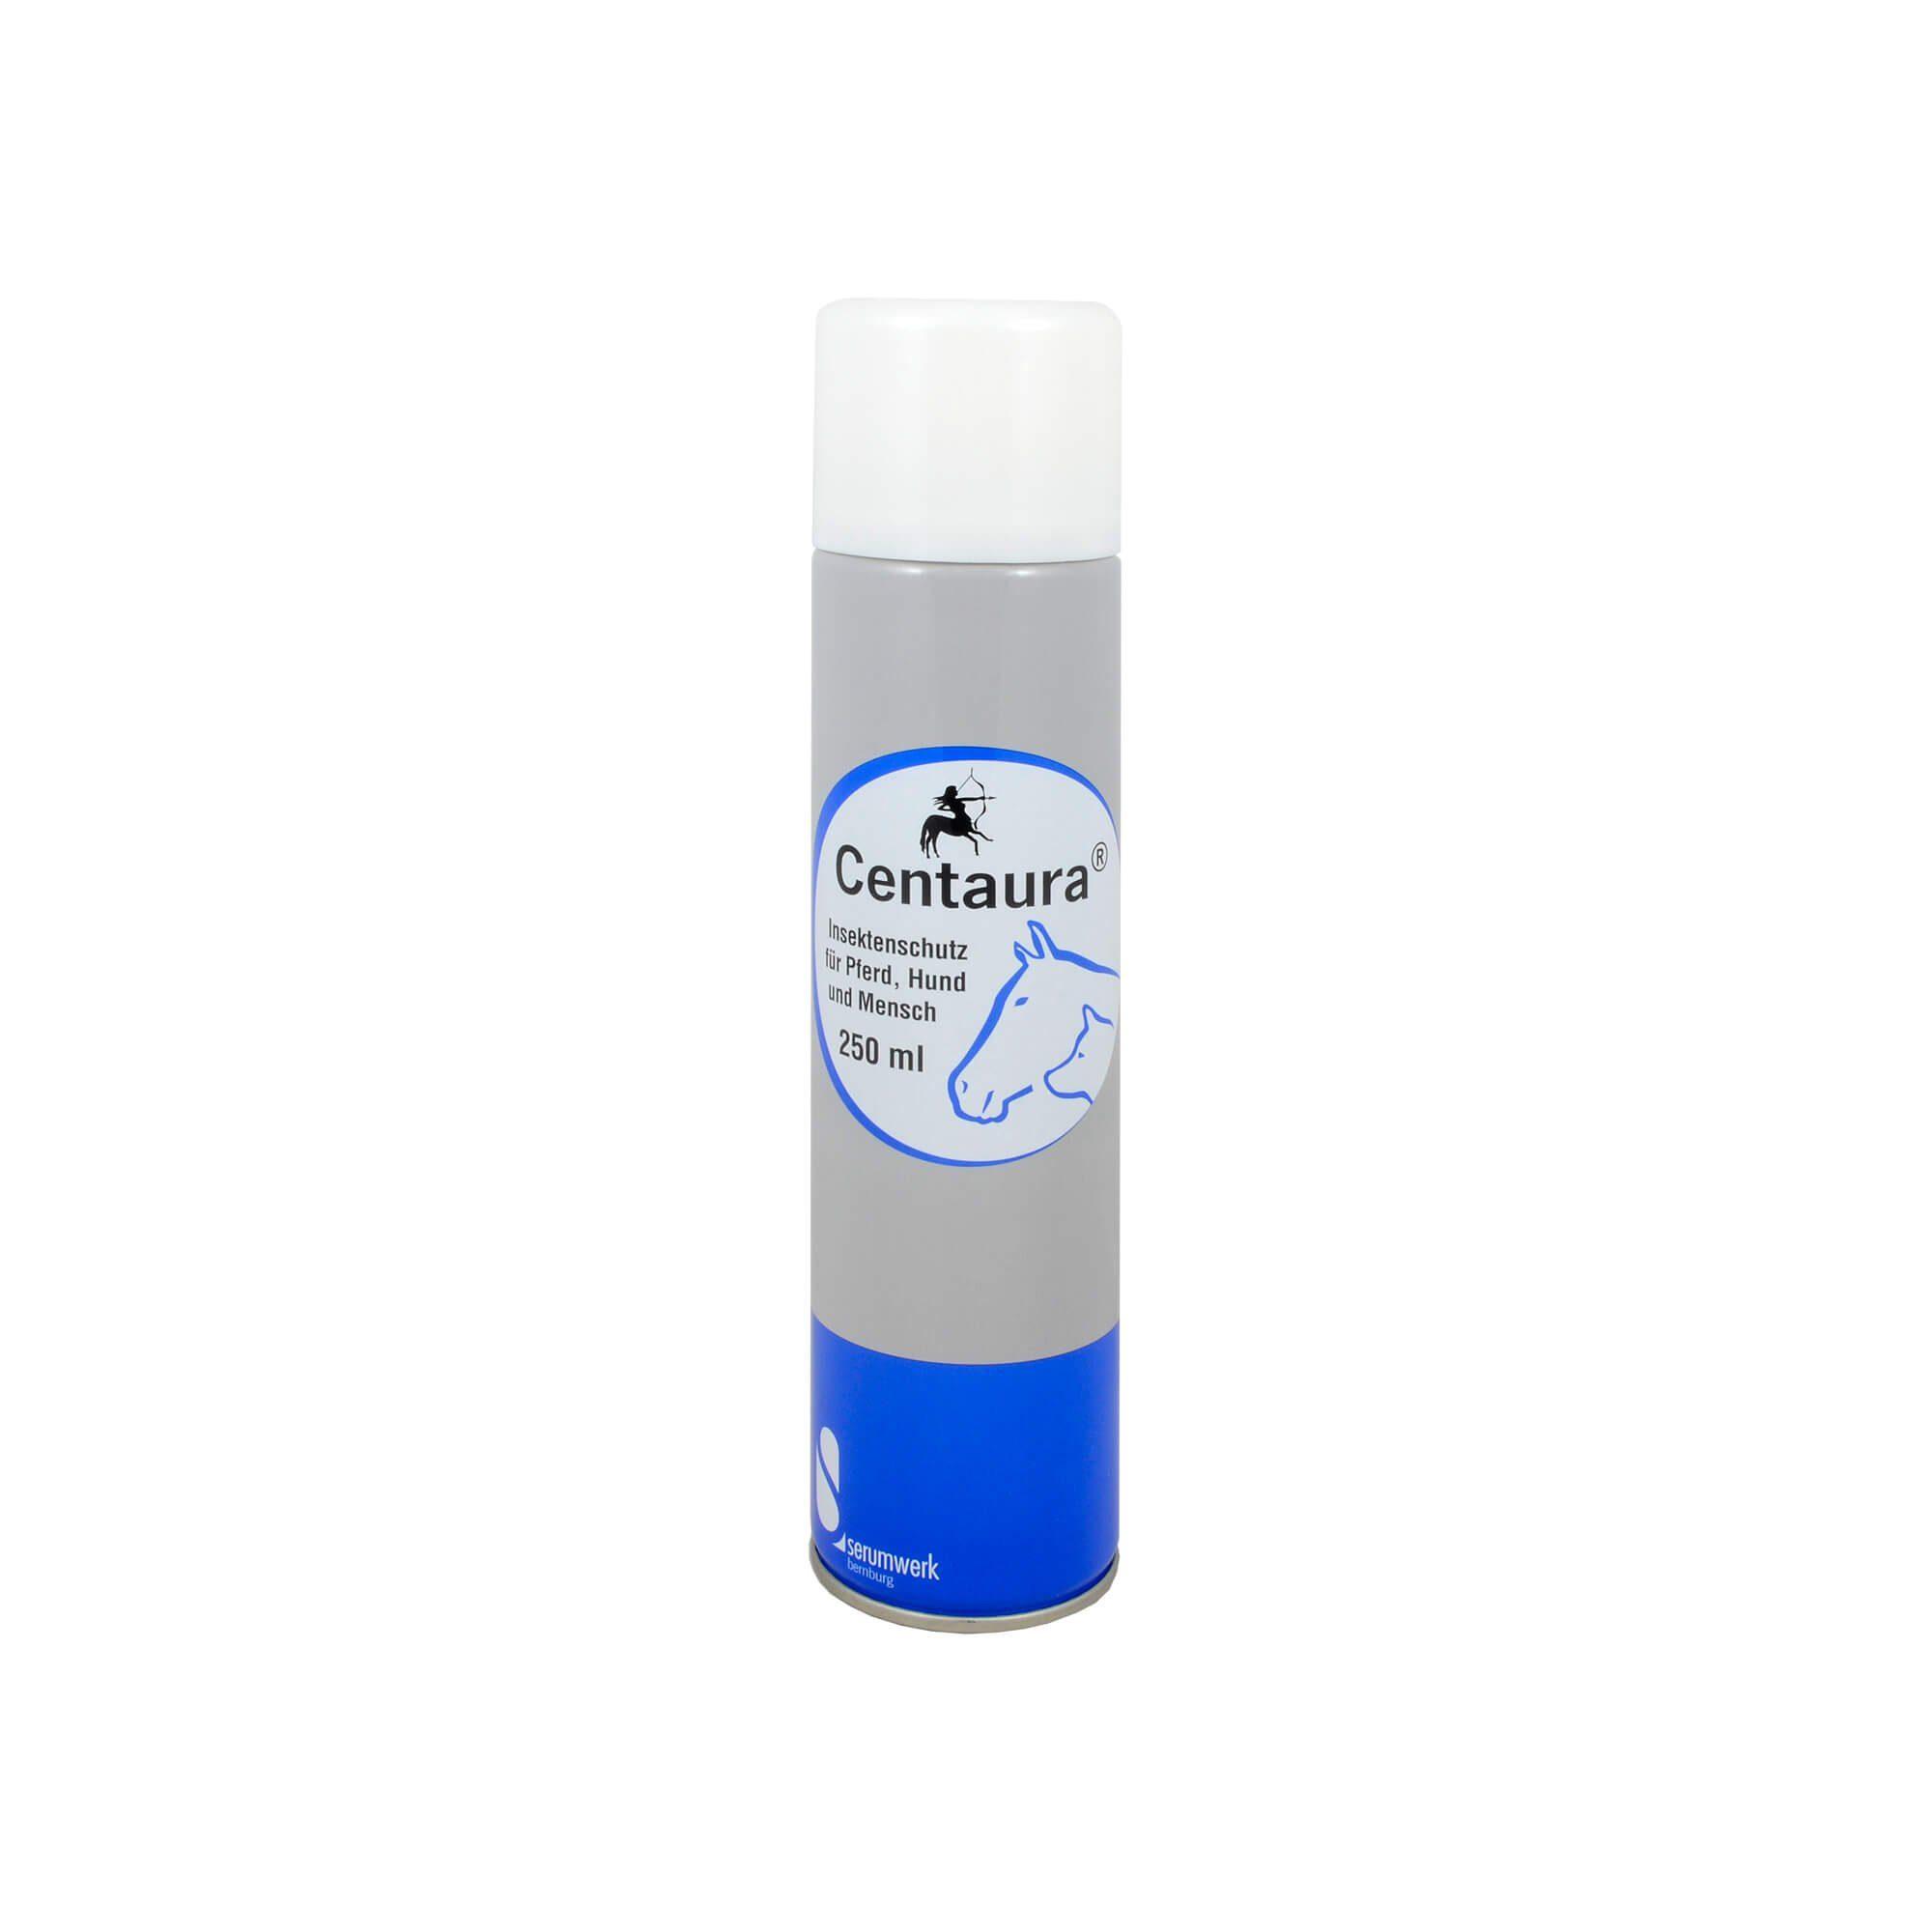 Centaura Repellent für Hunde/Menschen/Pferde (, 250 ml)